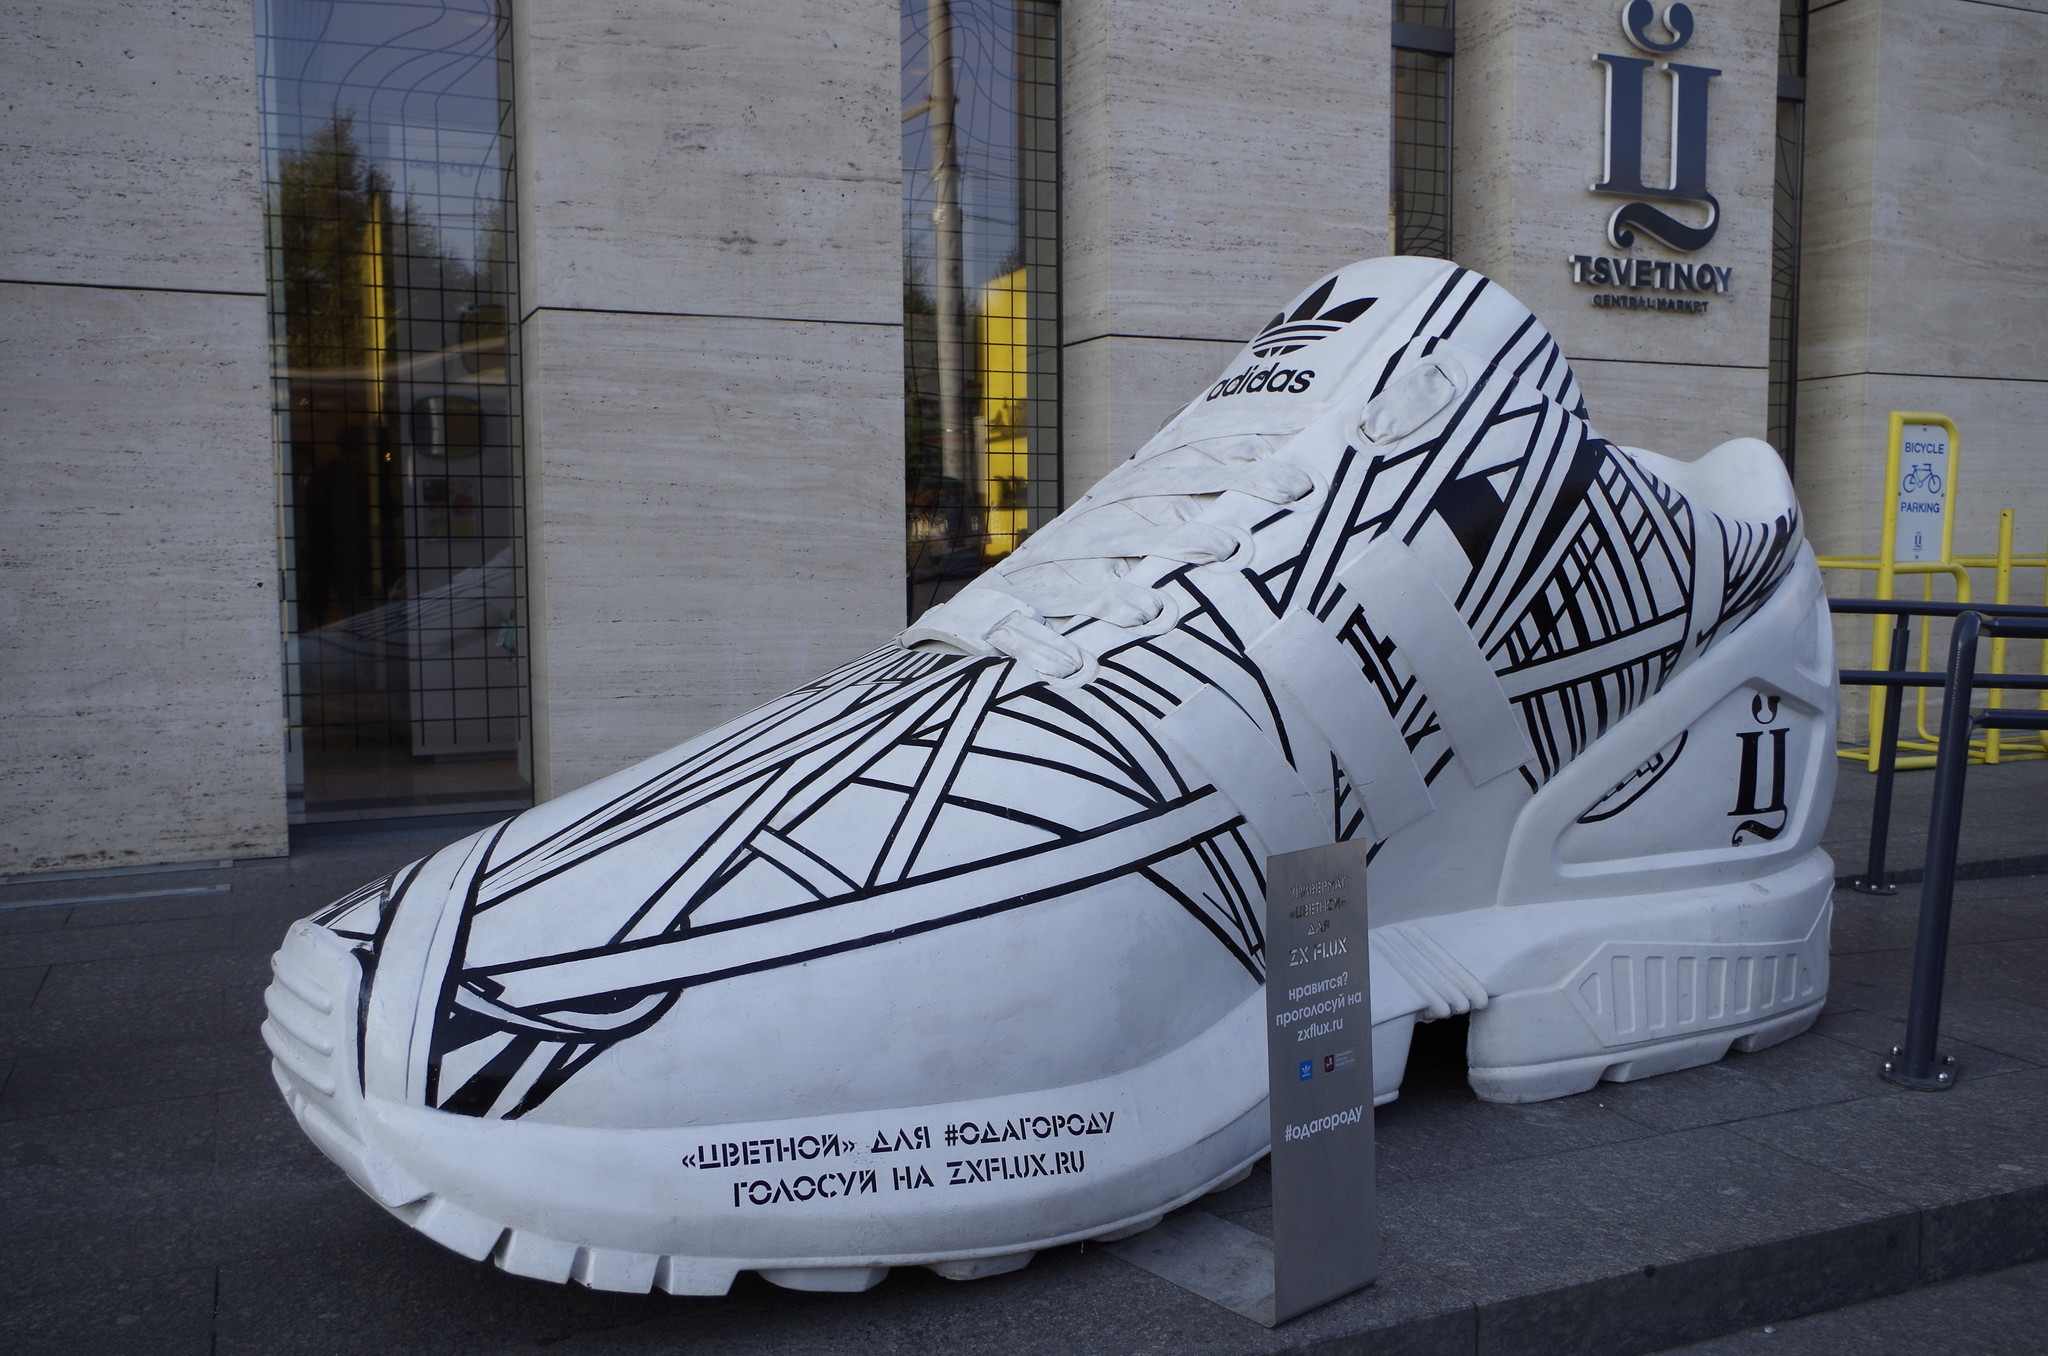 Огромная обувь около входа в универмаг «Цветной» (Цветной бульвар, дом 15)